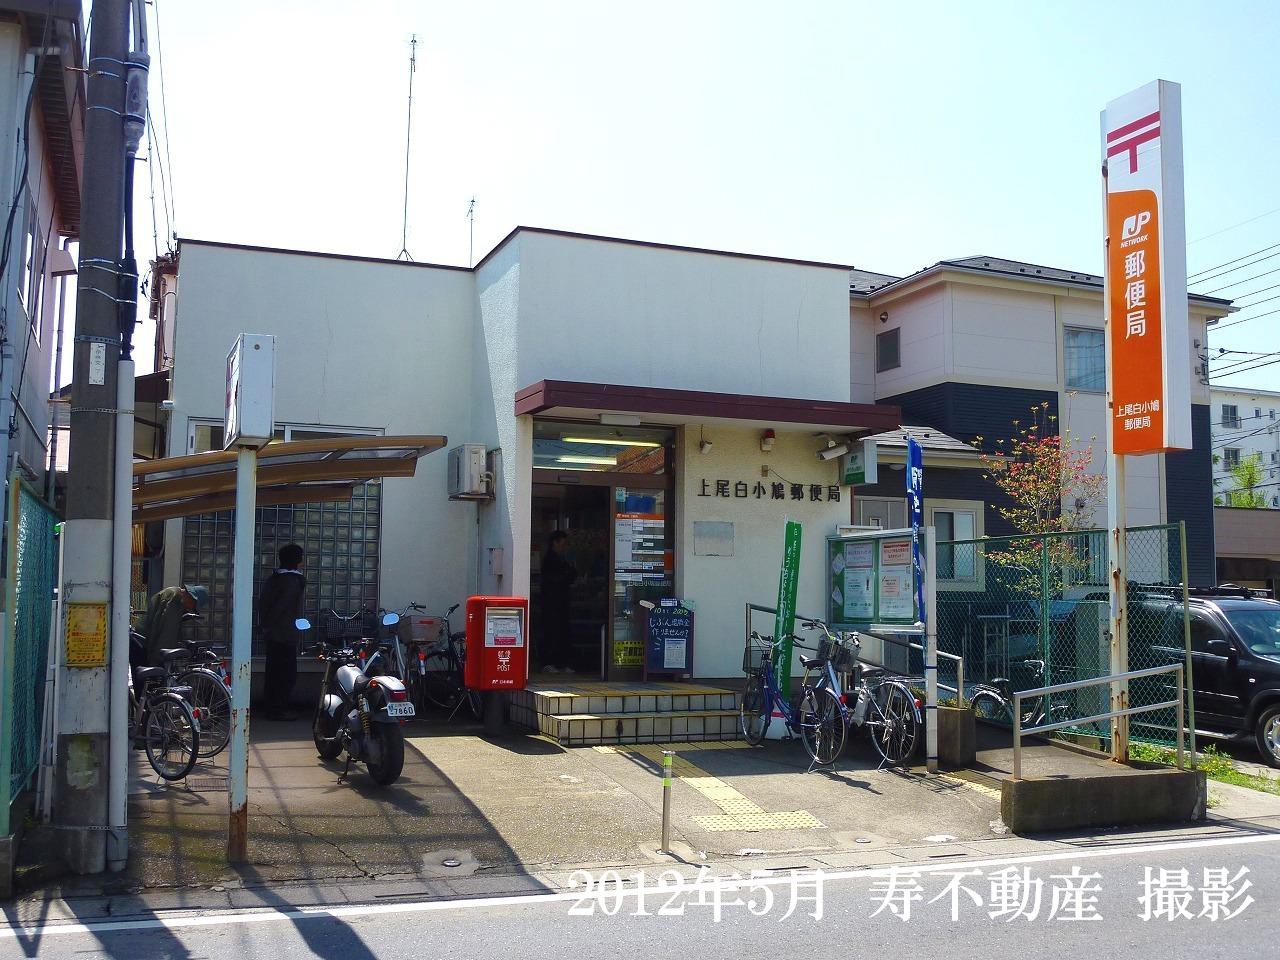 郵便局 上尾白小鳩郵便局(郵便局)まで152m